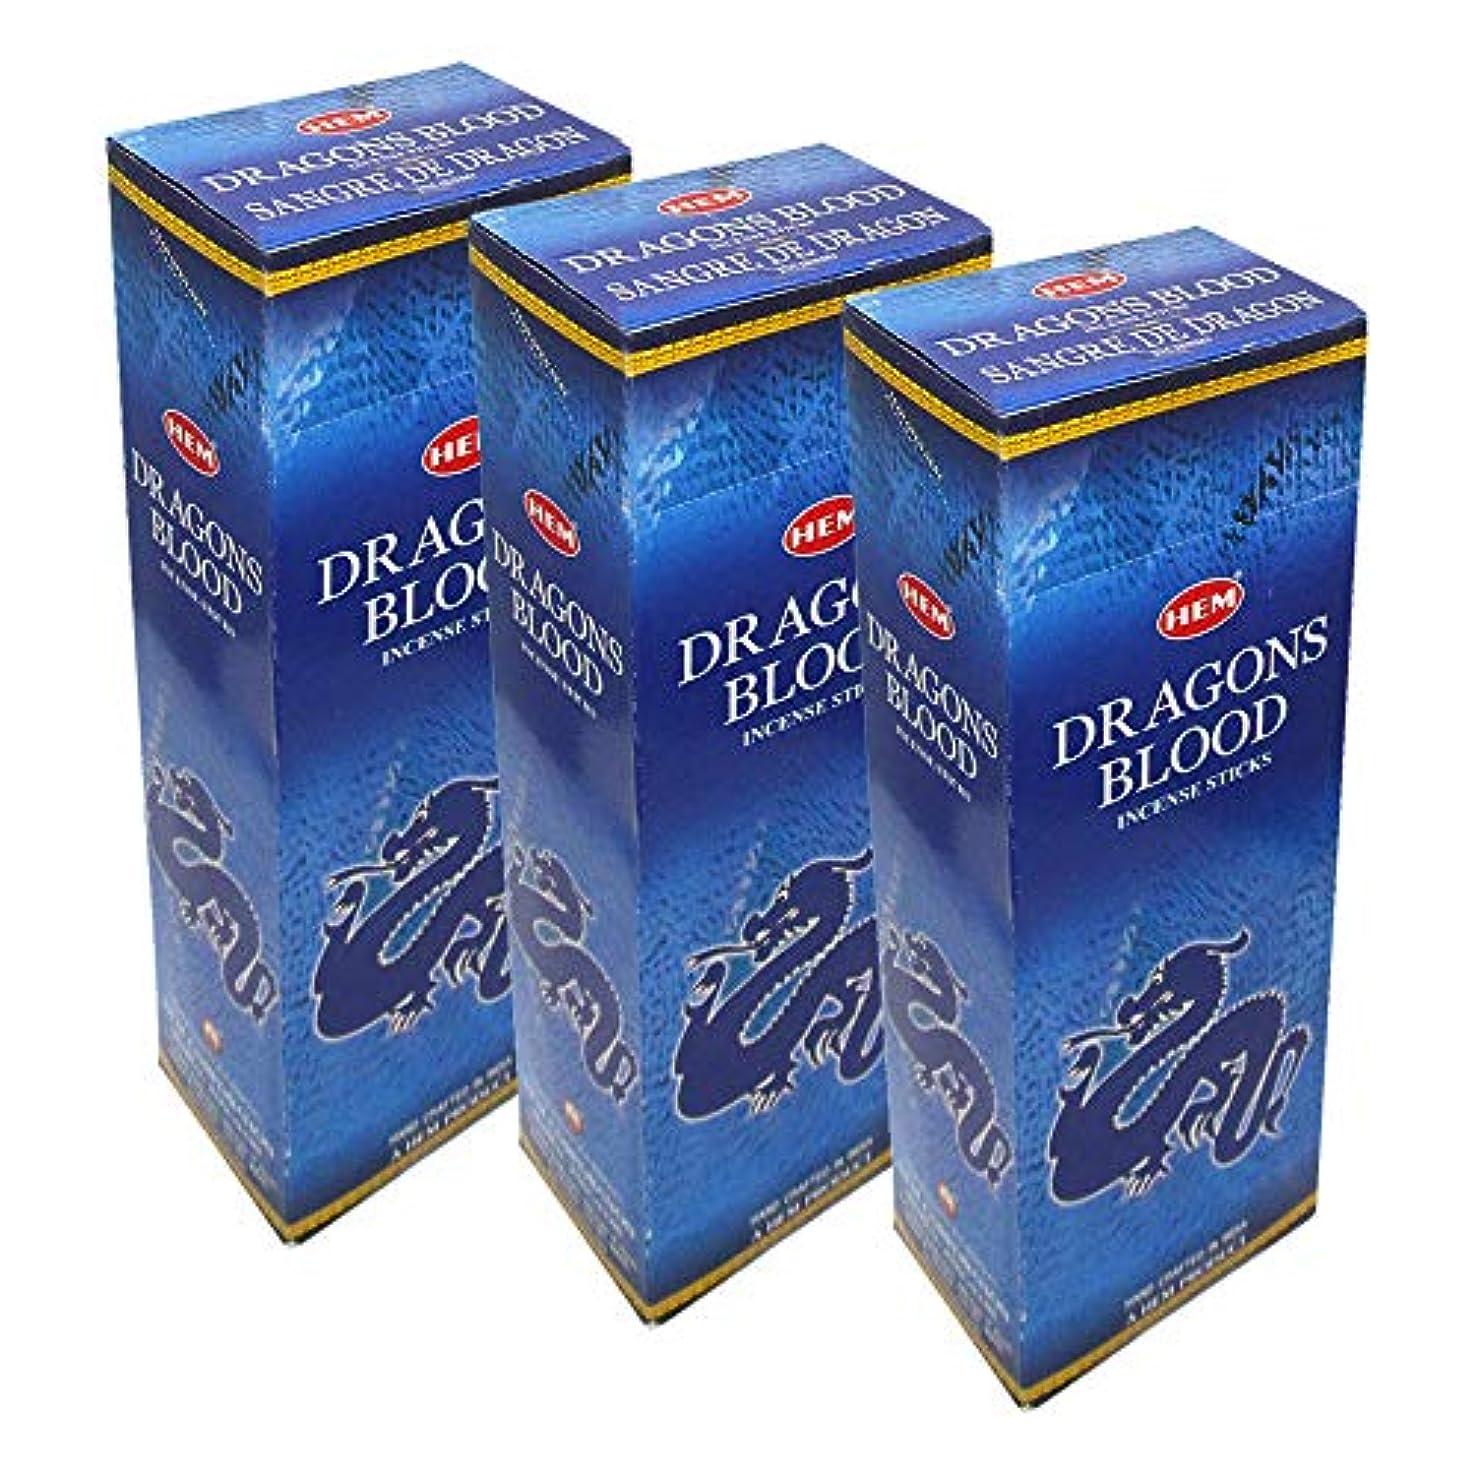 内なるバングラデシュ郵便番号HEM ドラゴンブラッドブルーアガーバティ18本入りお香箱 各20g入り